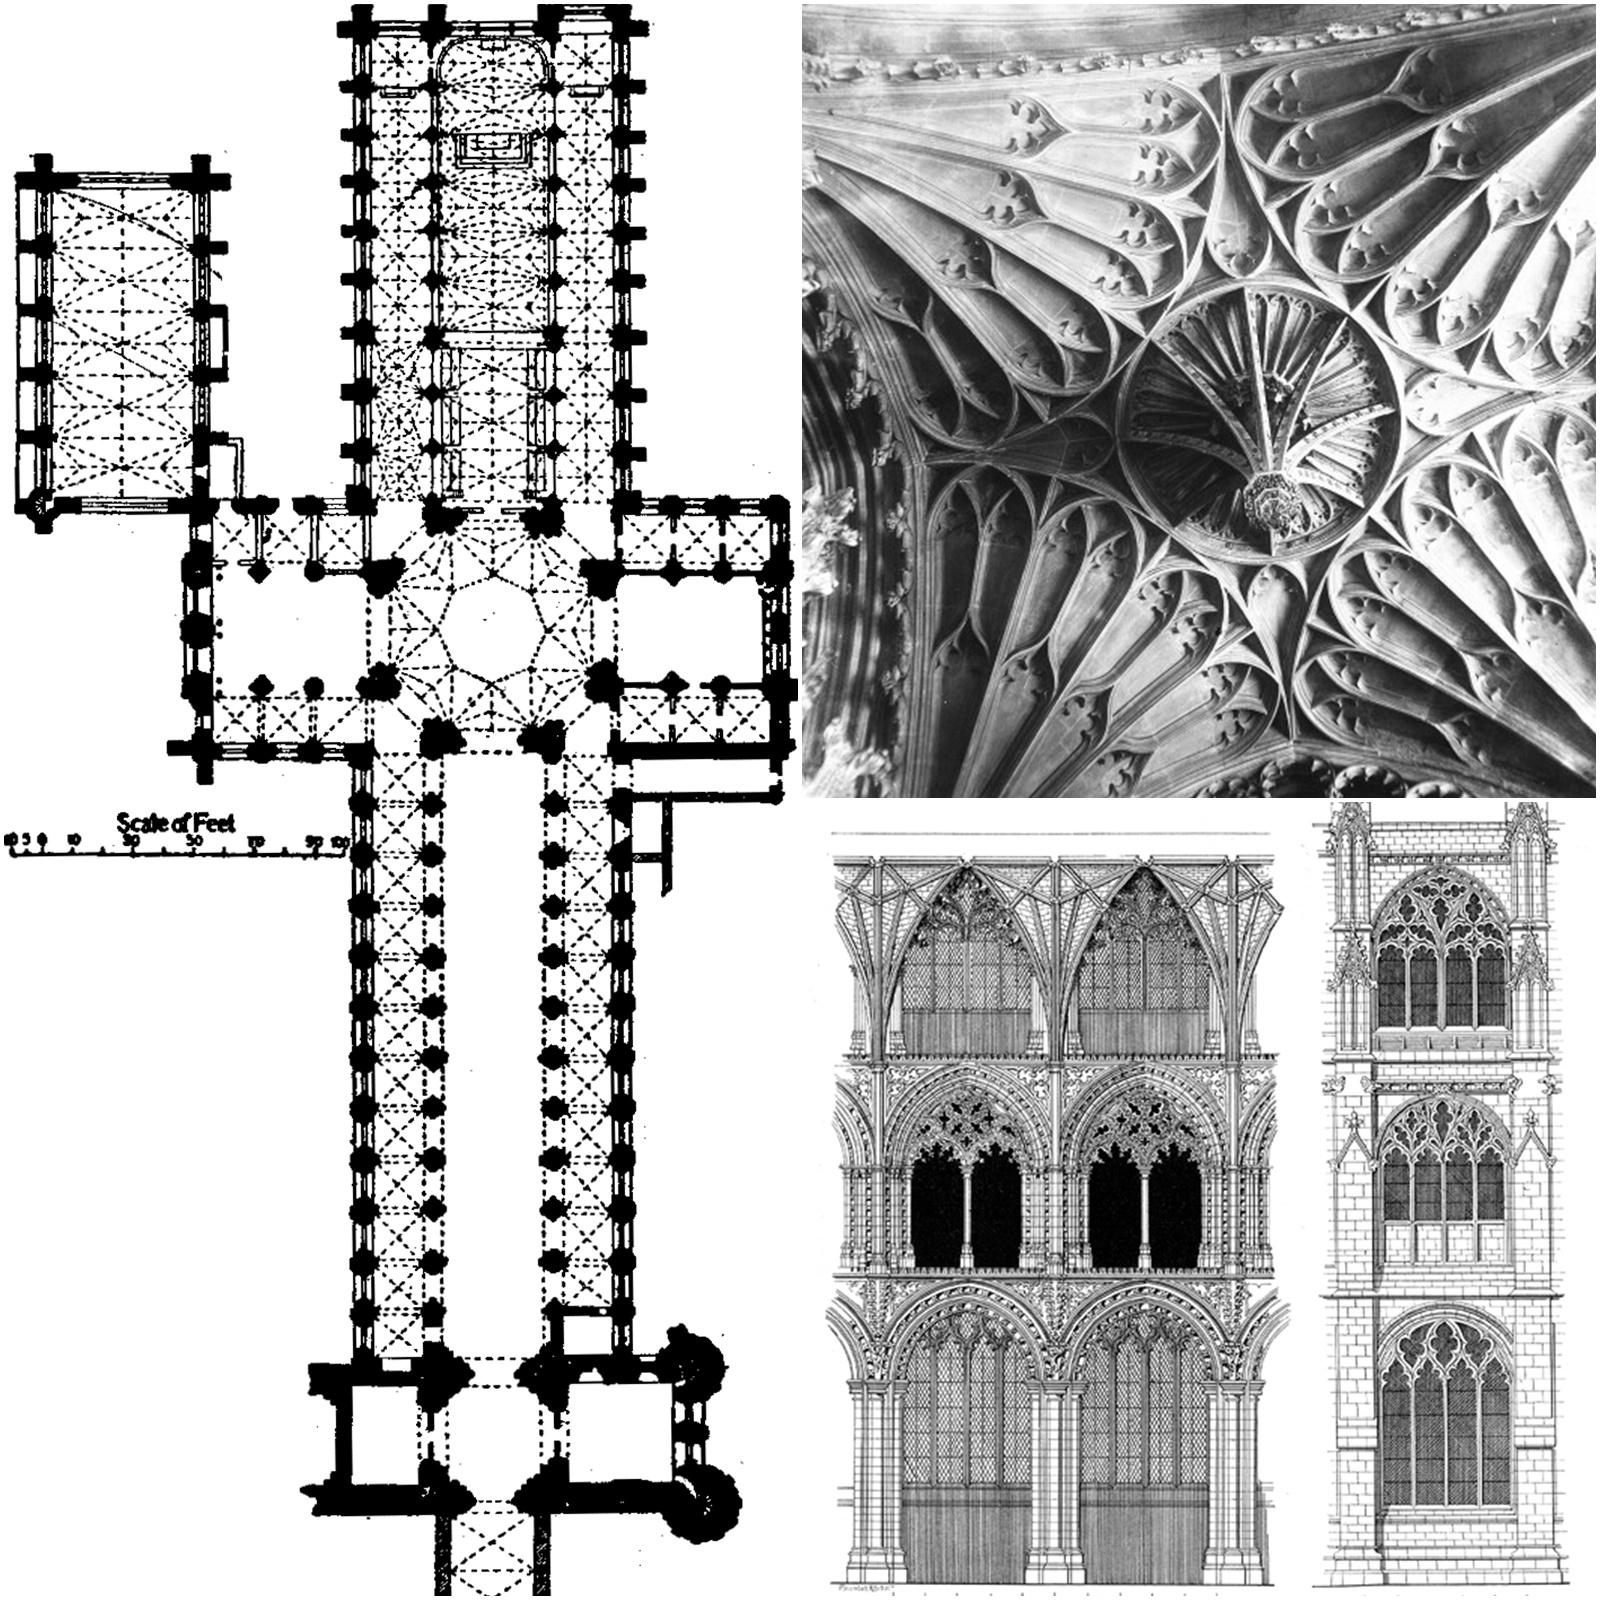 8. Catedral de Ely